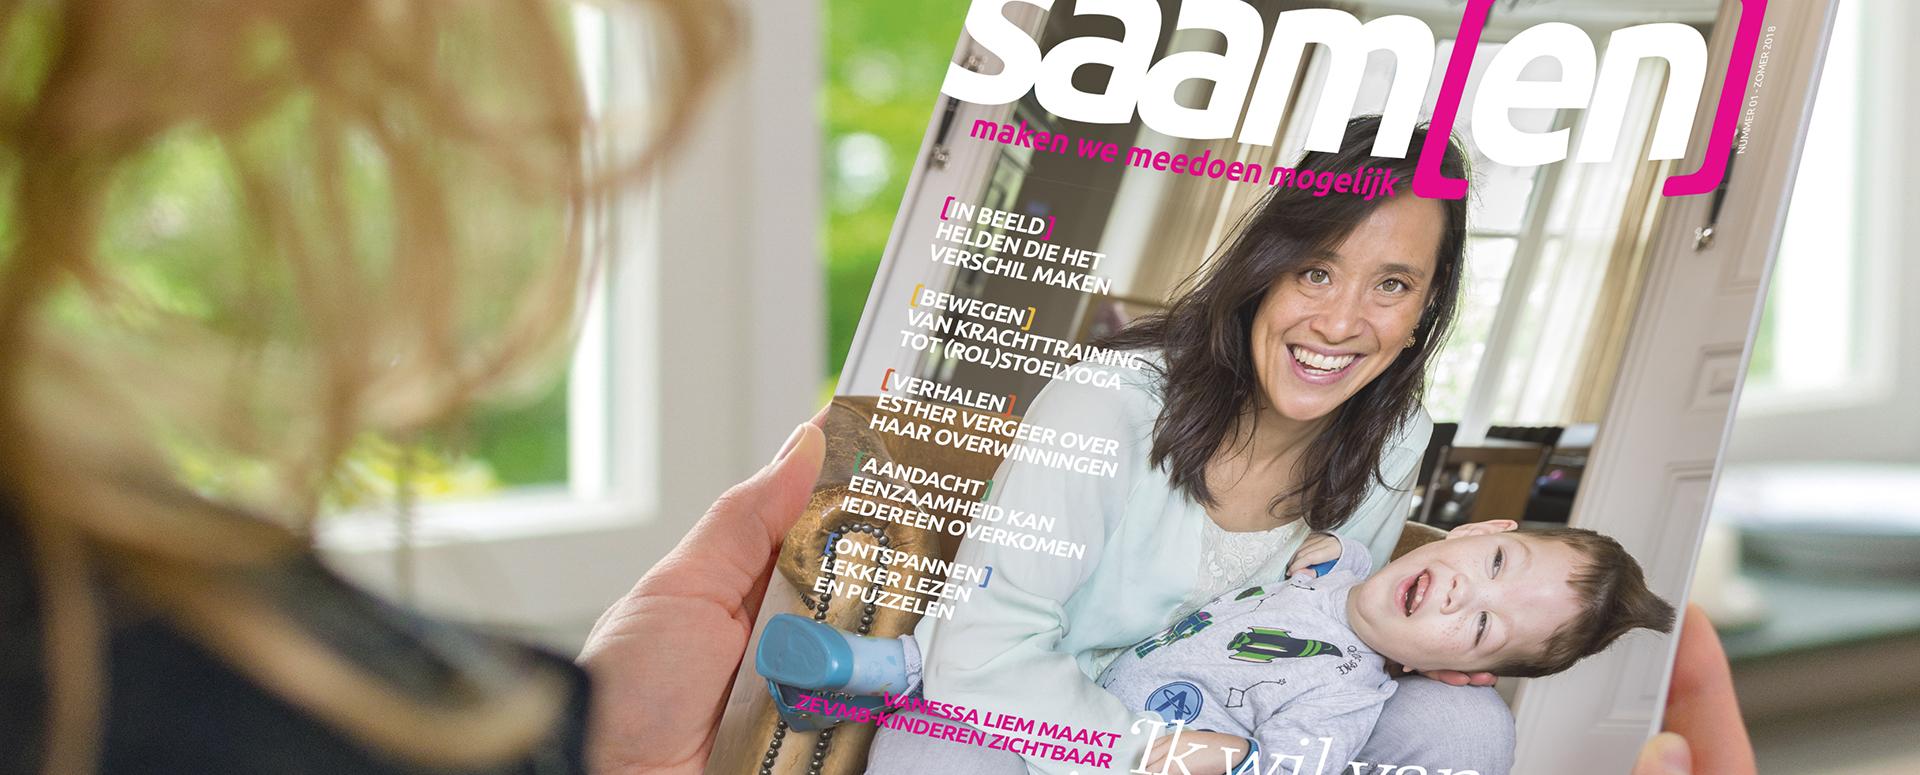 Foto van magazine Saam[en]